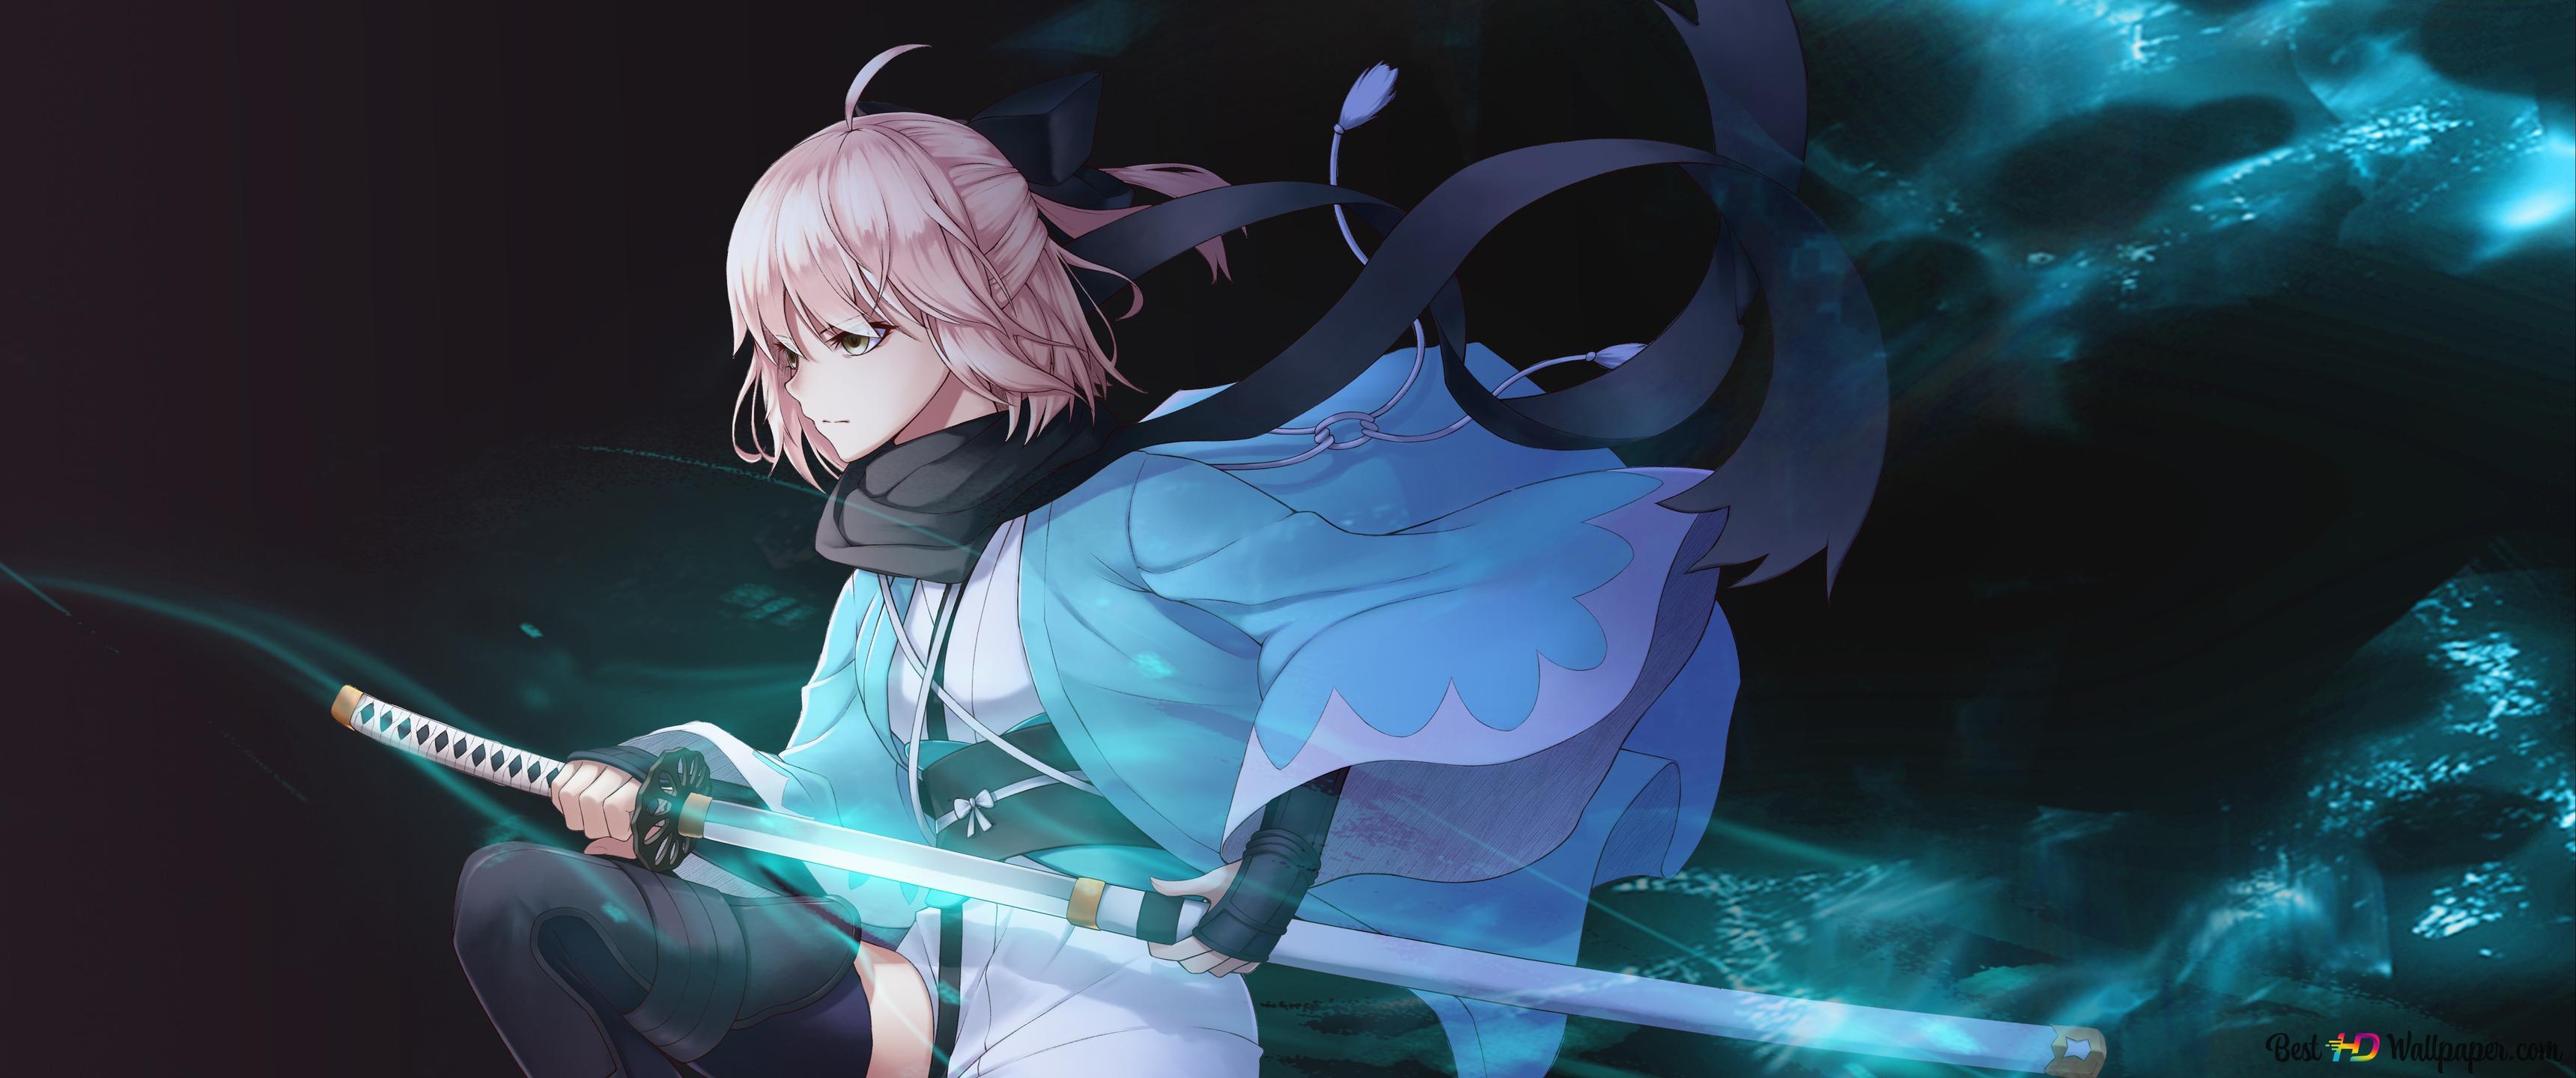 Fate Grand Order Okita Souji Sakura Saber Hd Wallpaper Download